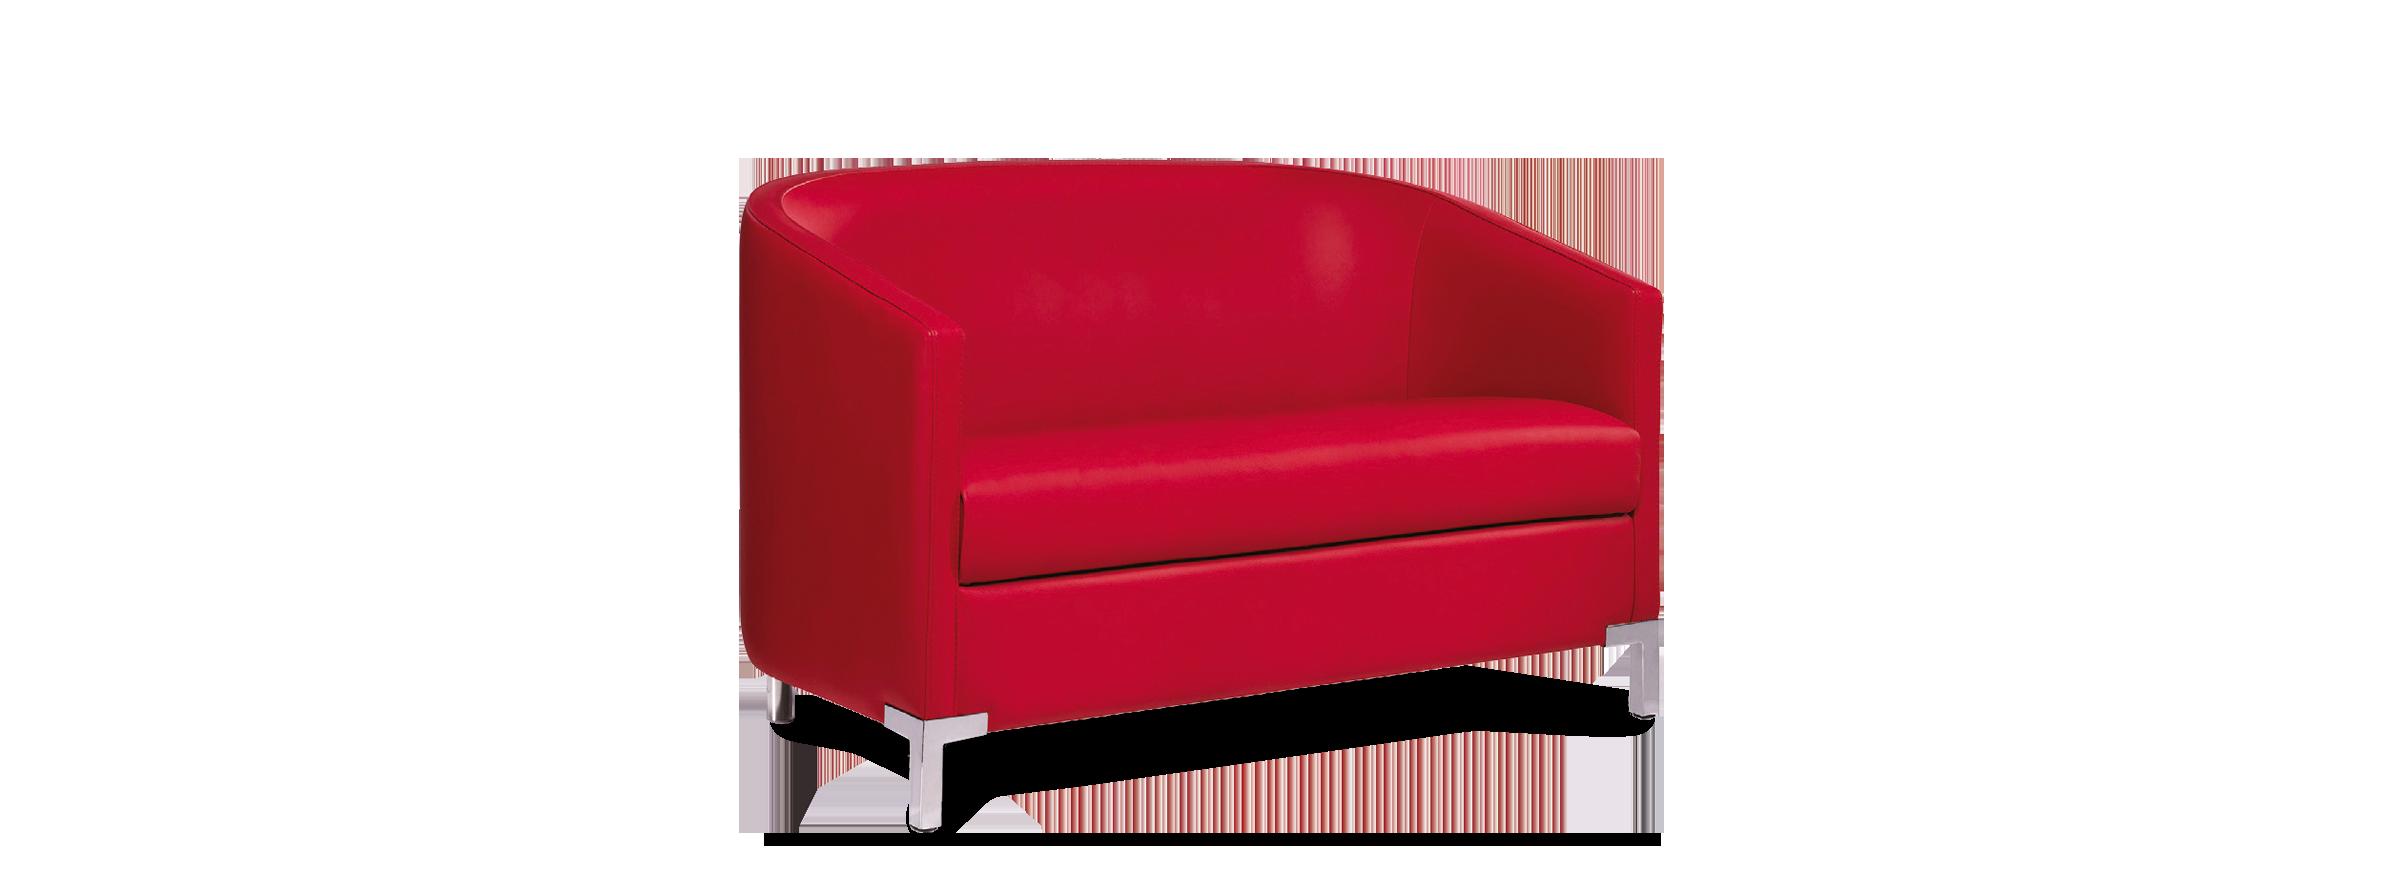 java neology. Black Bedroom Furniture Sets. Home Design Ideas